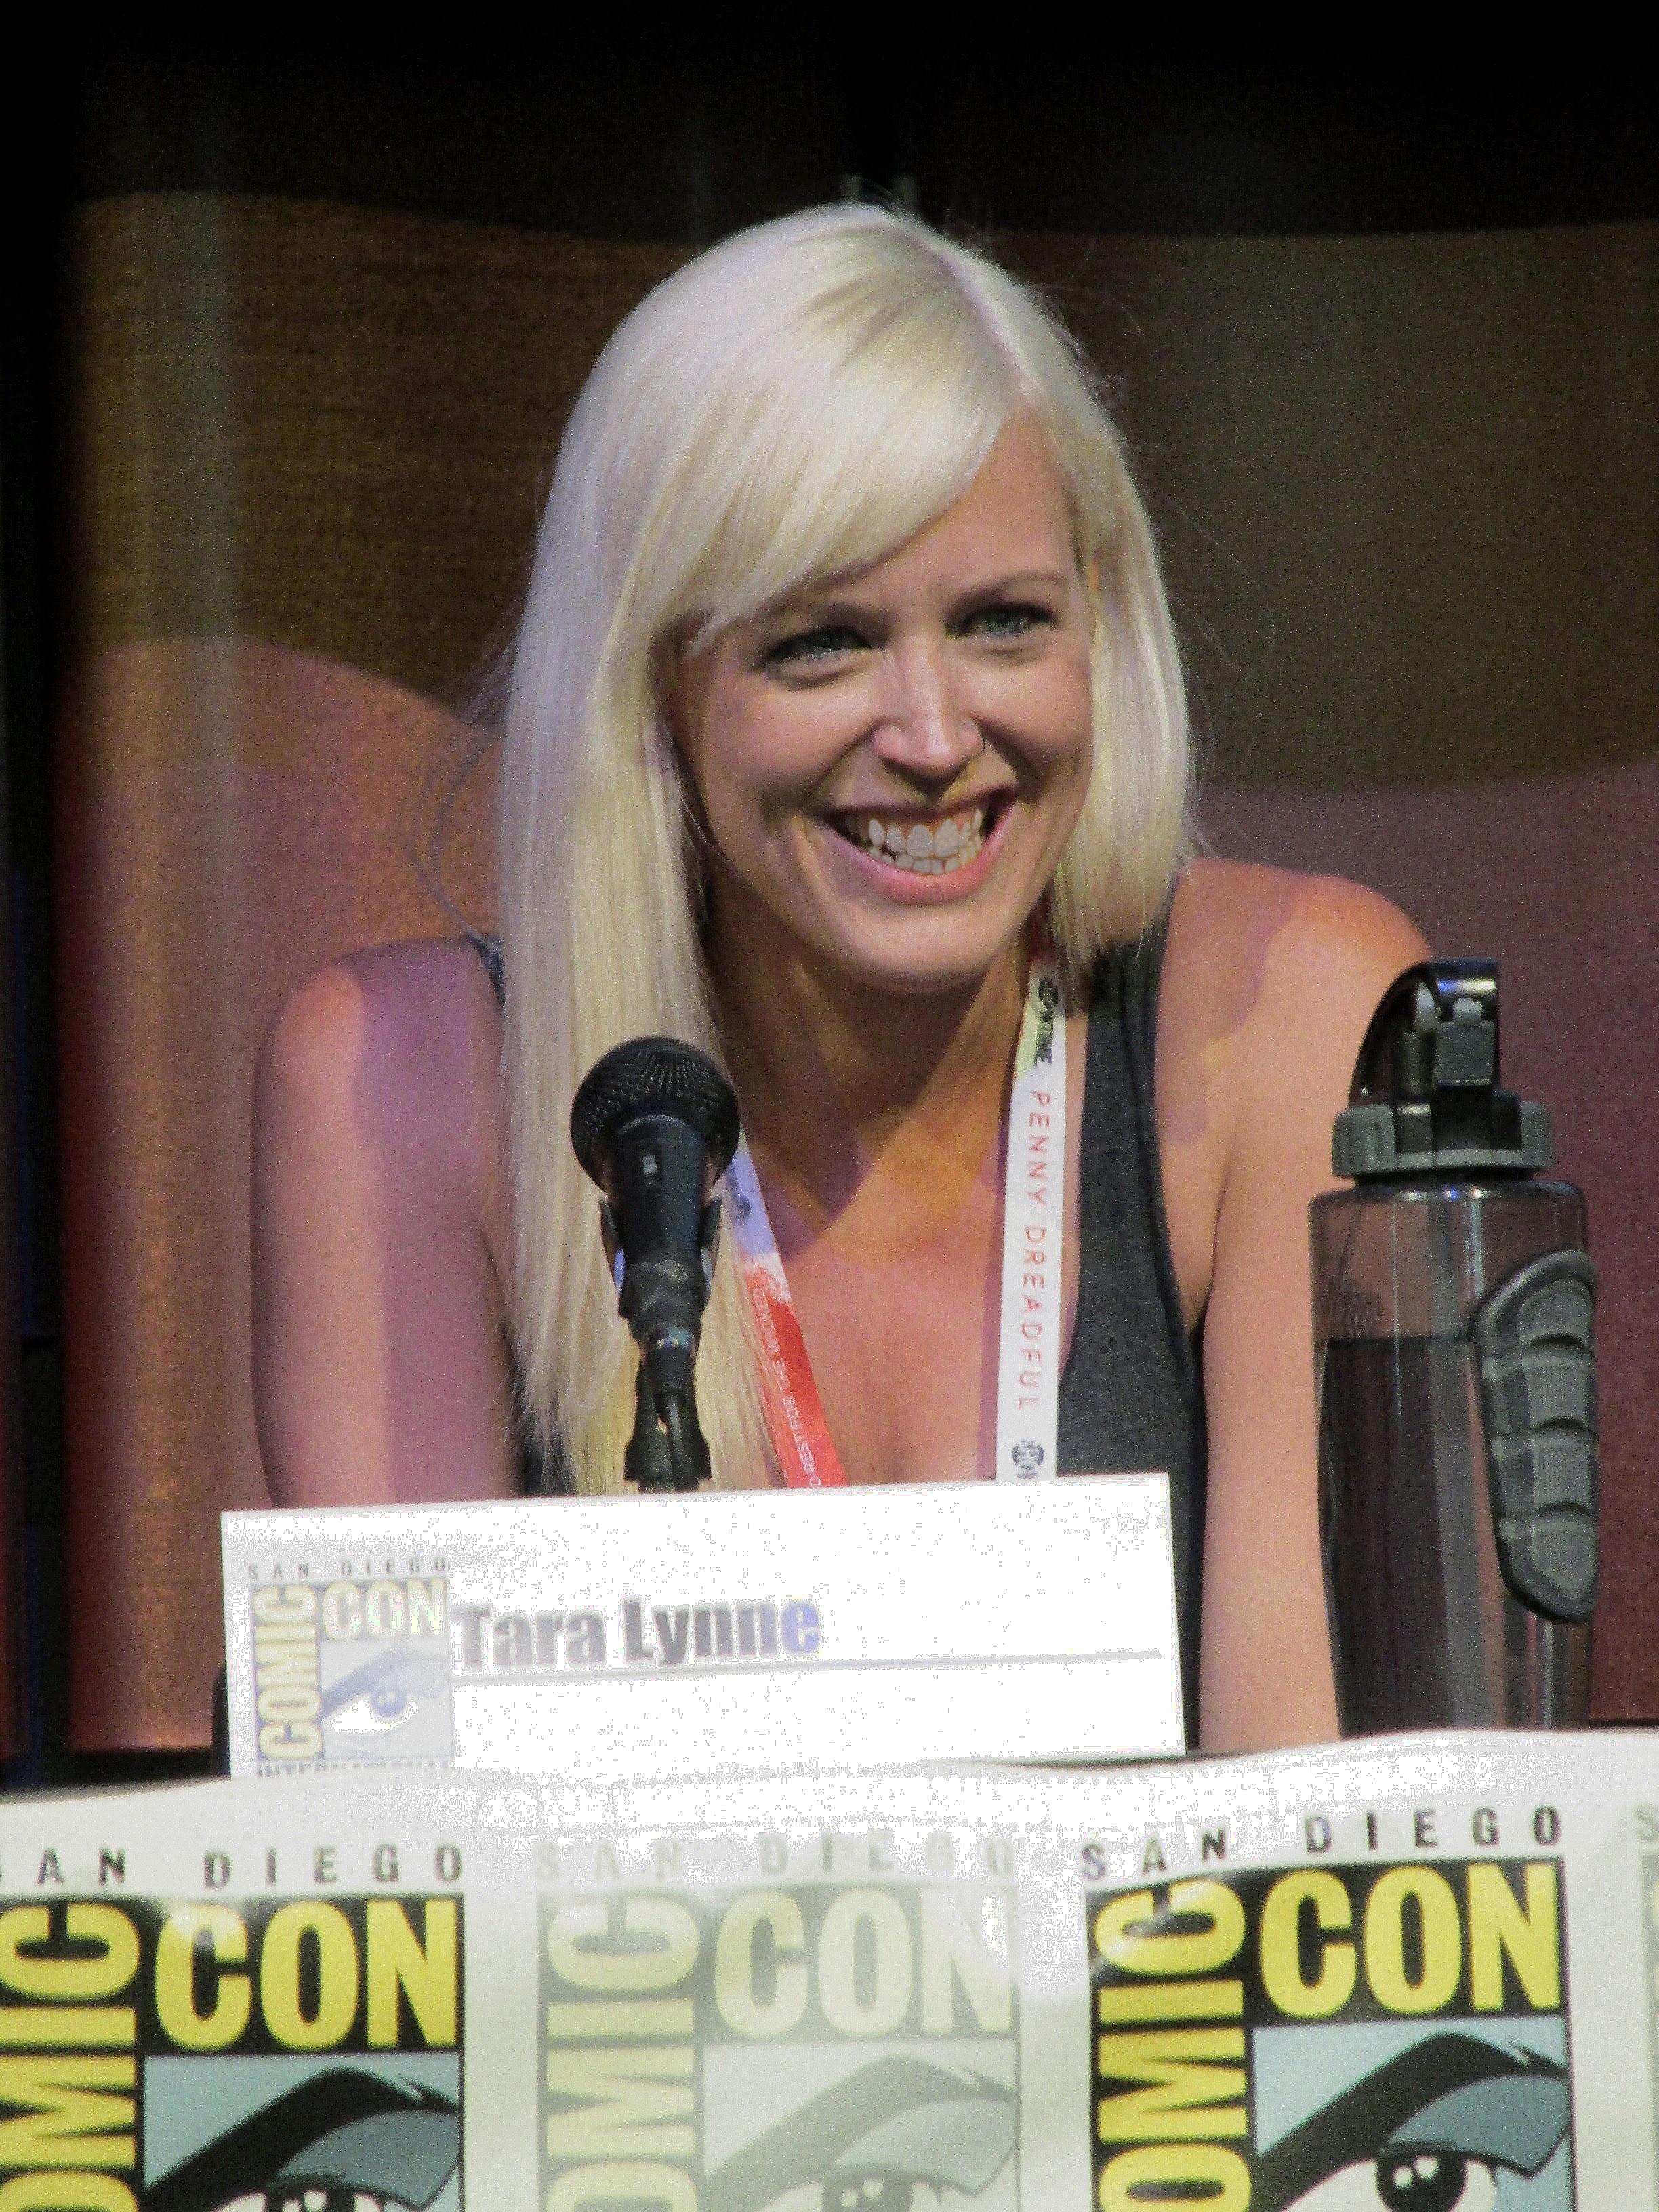 Saga Event Planning Tara Lynne